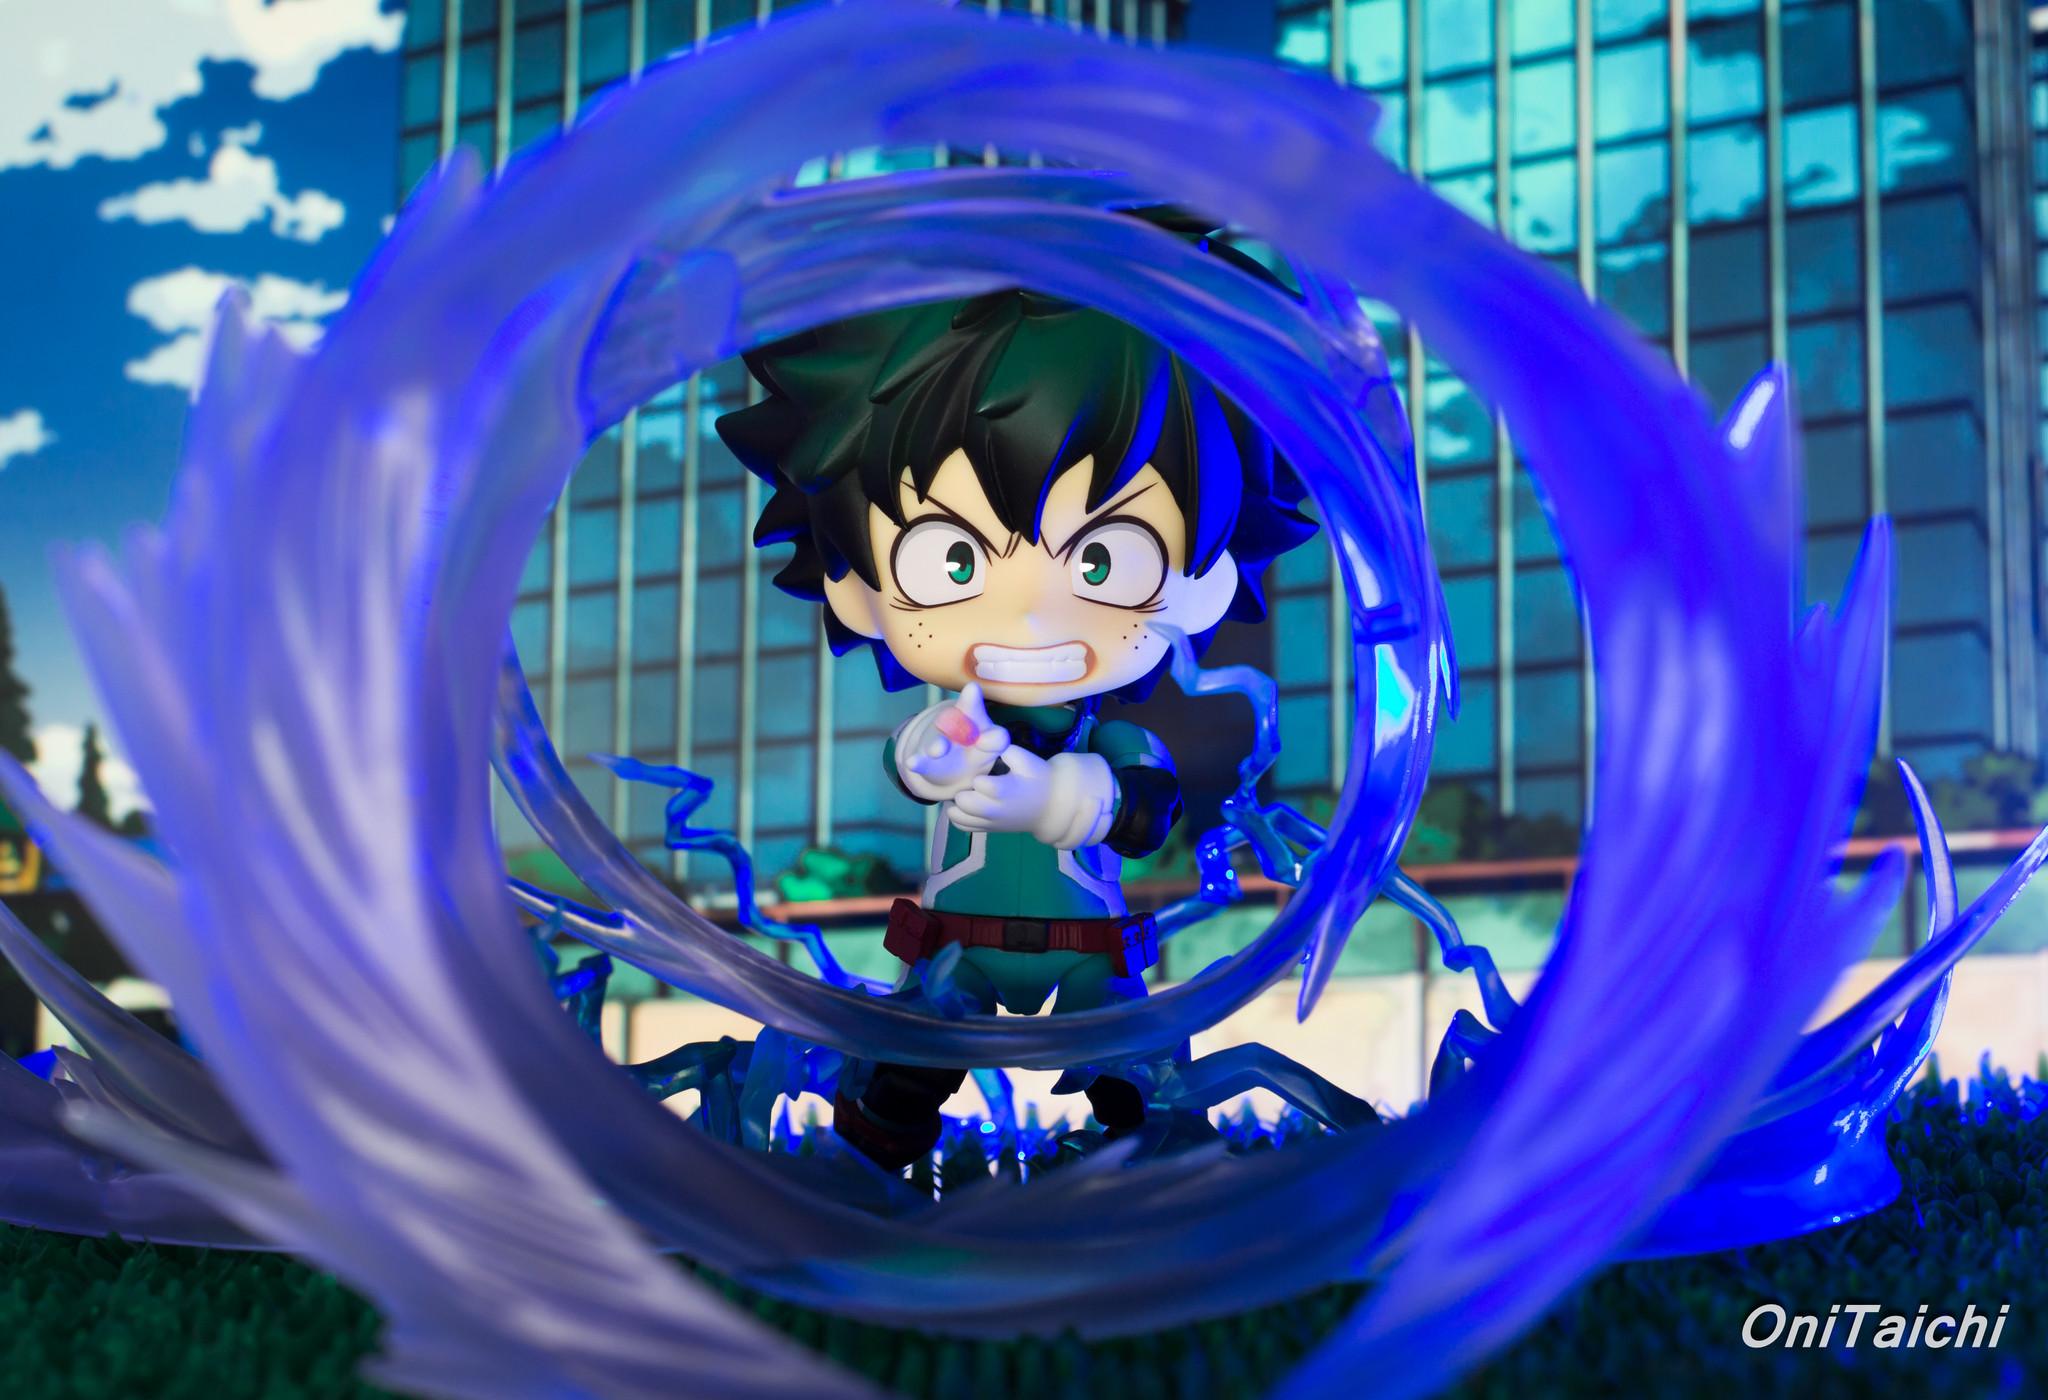 nendoroid good_smile_company bandai shueisha nendoron tomytec ushiro_masami koguma_shimon tamashii_effect boku_no_hero_academia horikoshi_kouhei midoriya_izuku